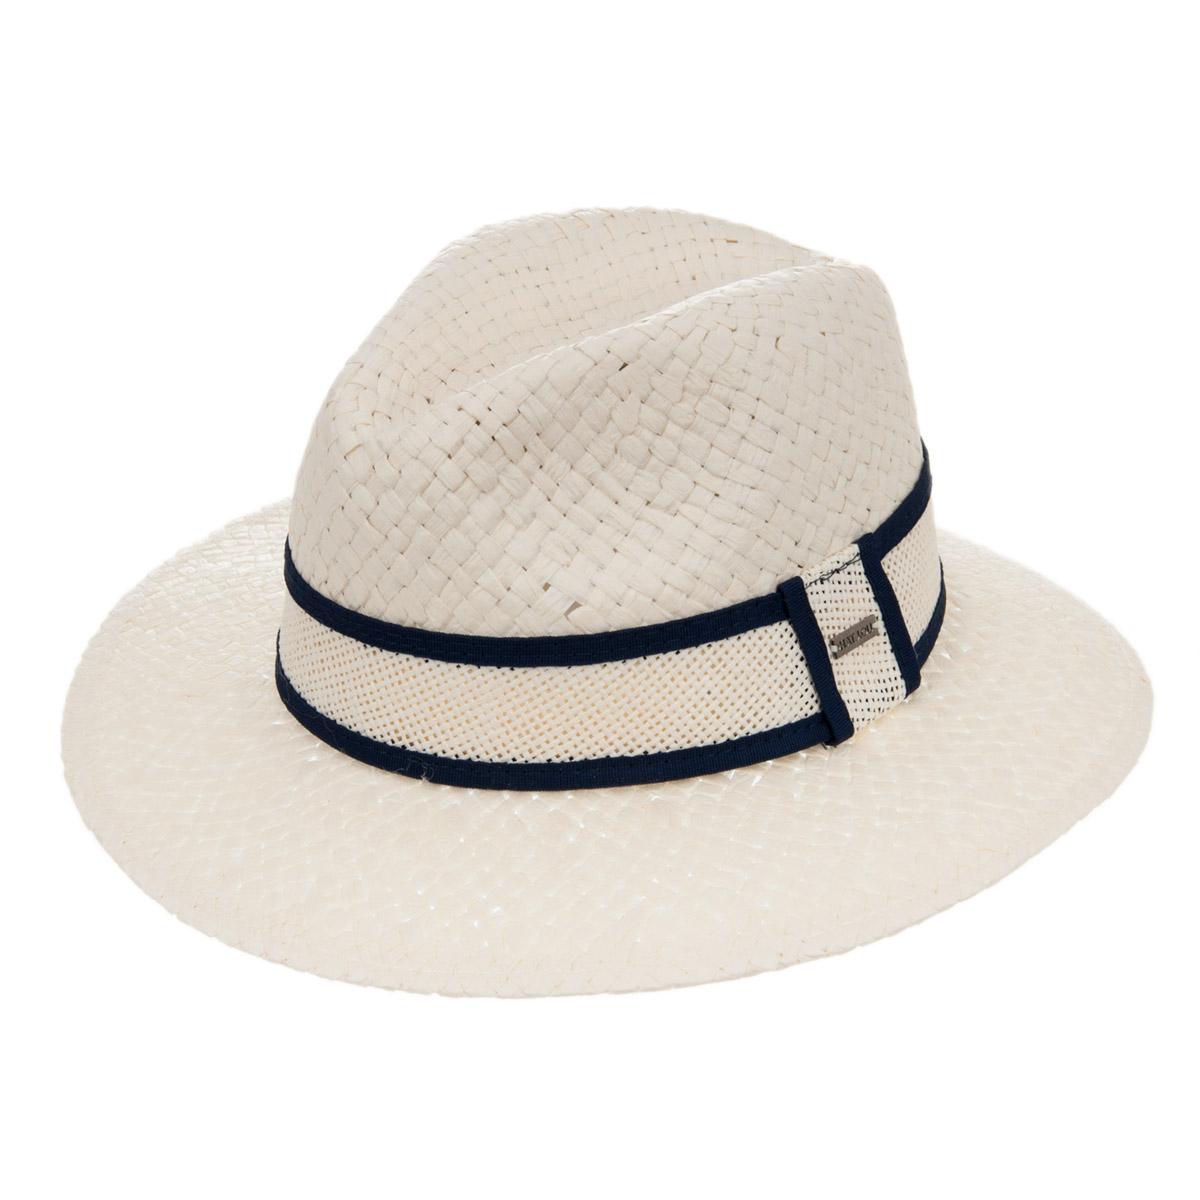 cappello fedora in carta ... ba6e01e4ad08